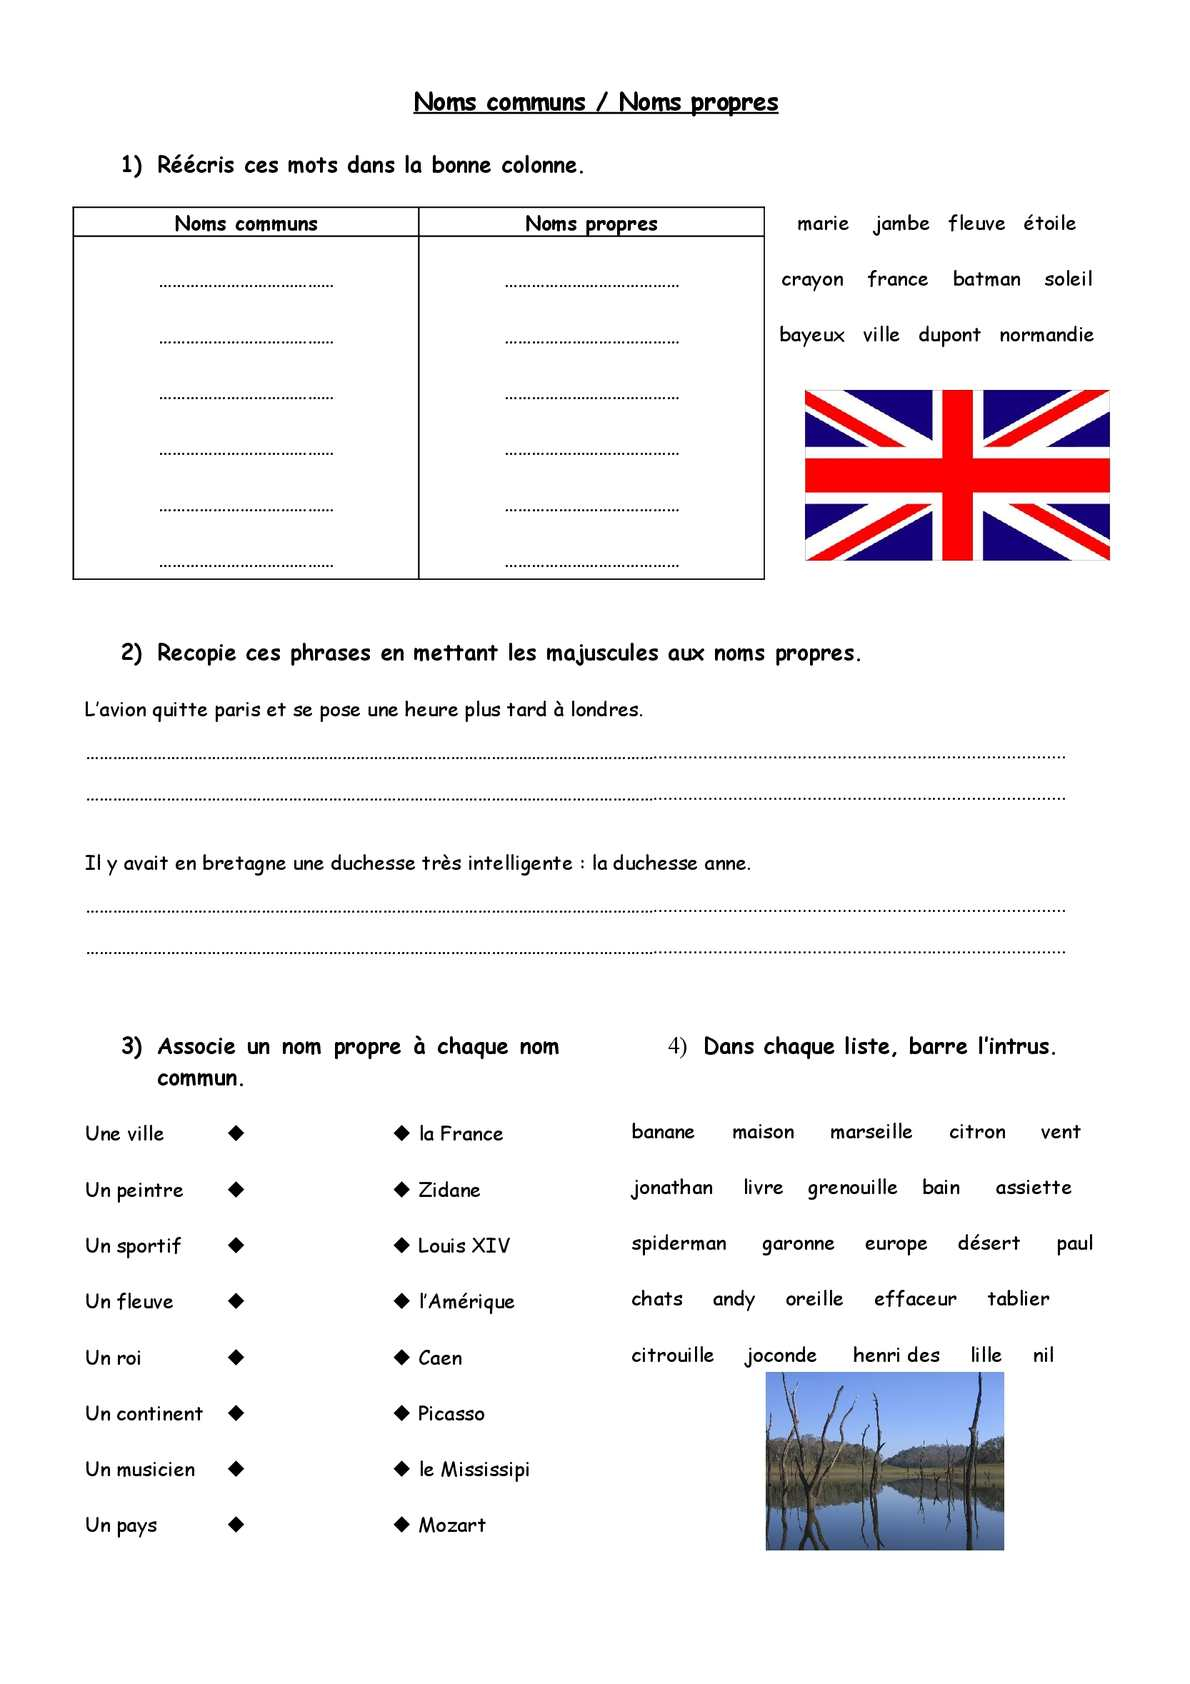 Calaméo - Cycle 2 / 3 : Orthographe : Noms Communs Noms intérieur Barre L Intrus